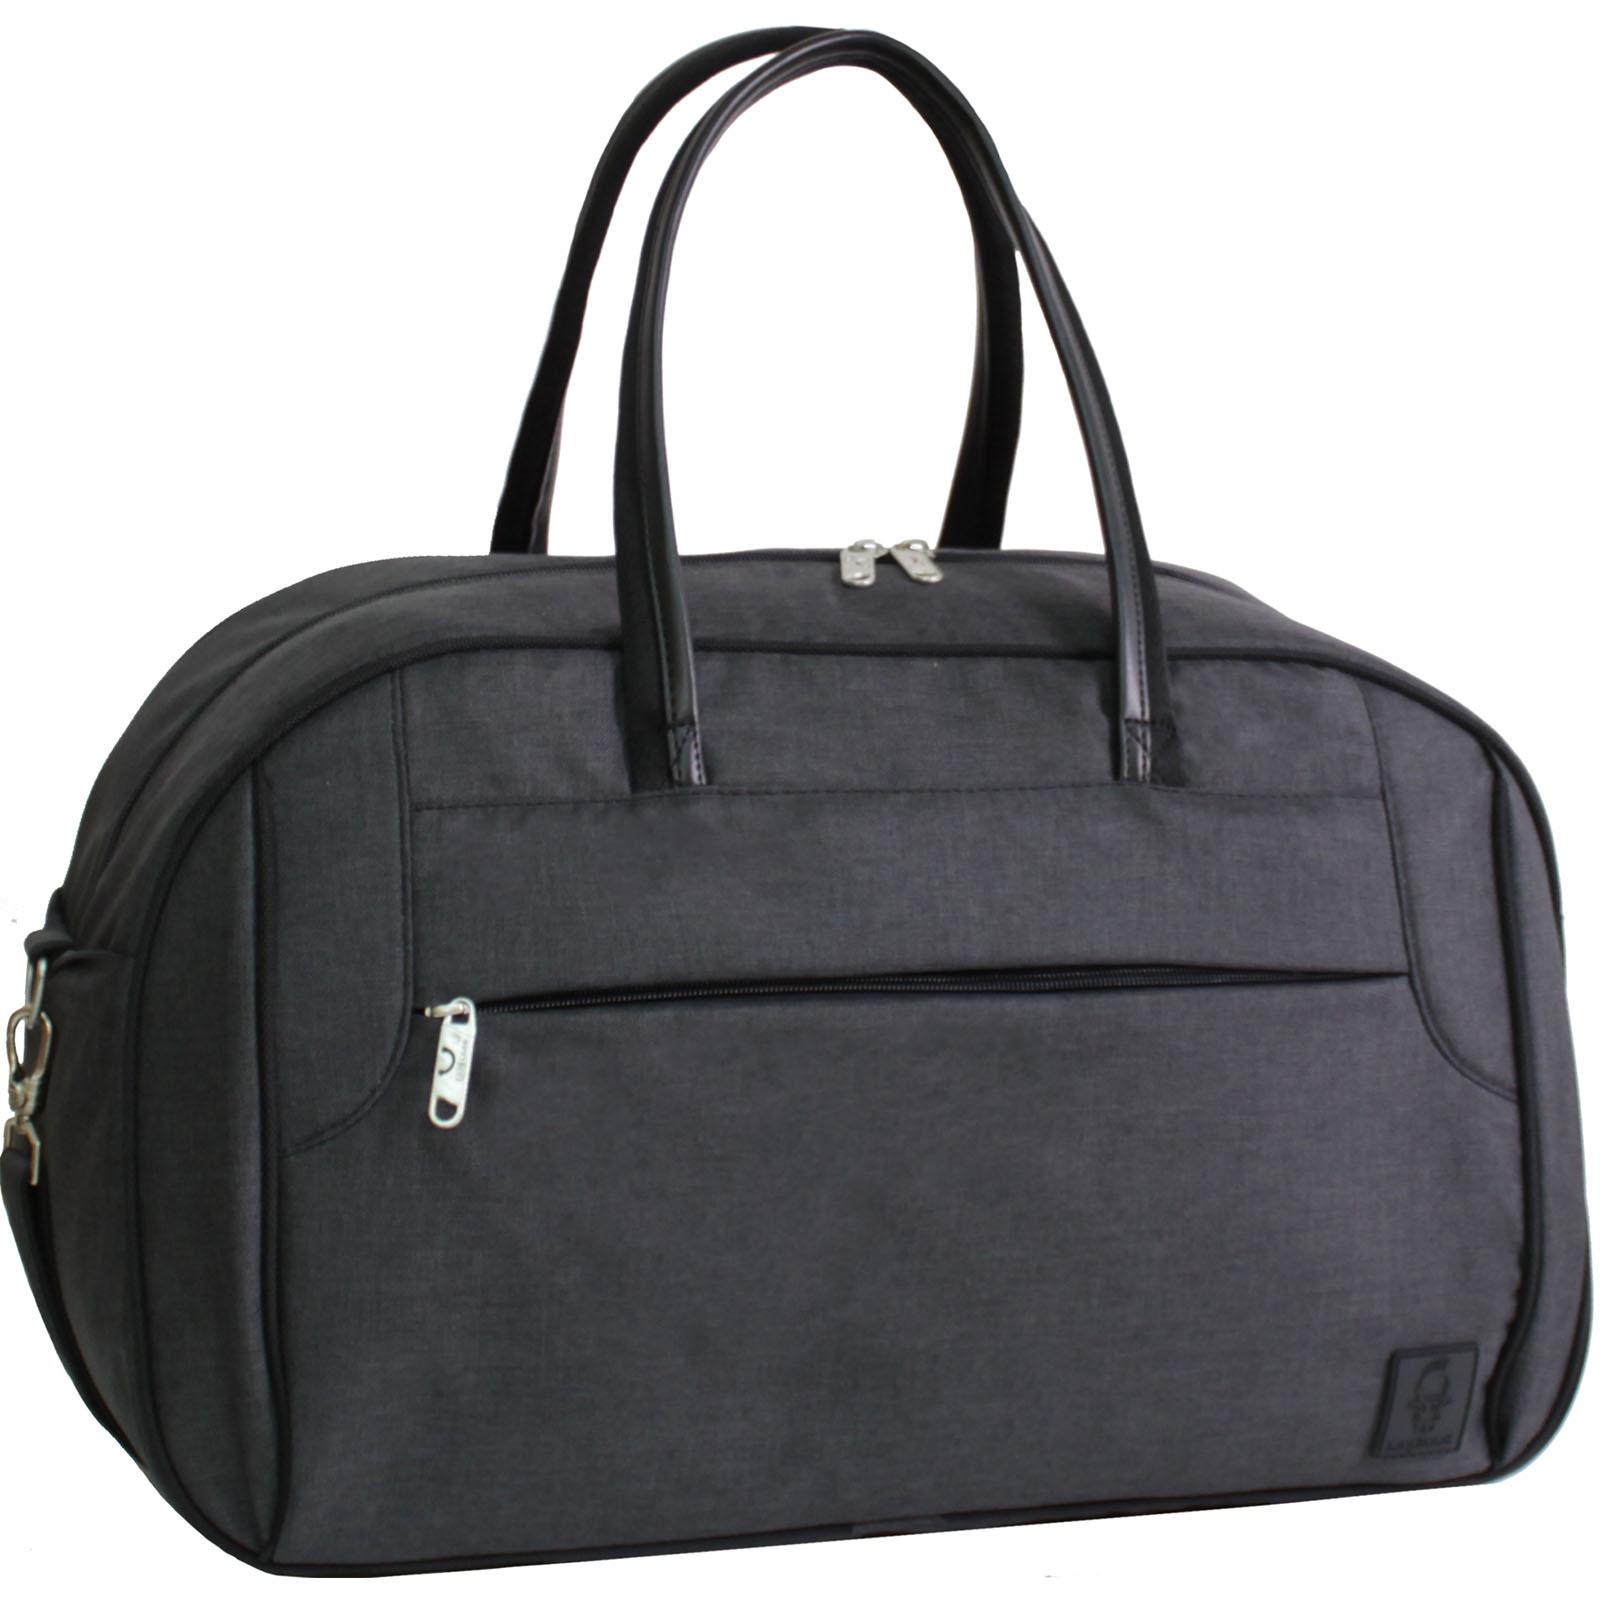 Спортивные сумки Сумка Bagland Тунис 34 л. Черный (0039069) IMG_9151.JPG